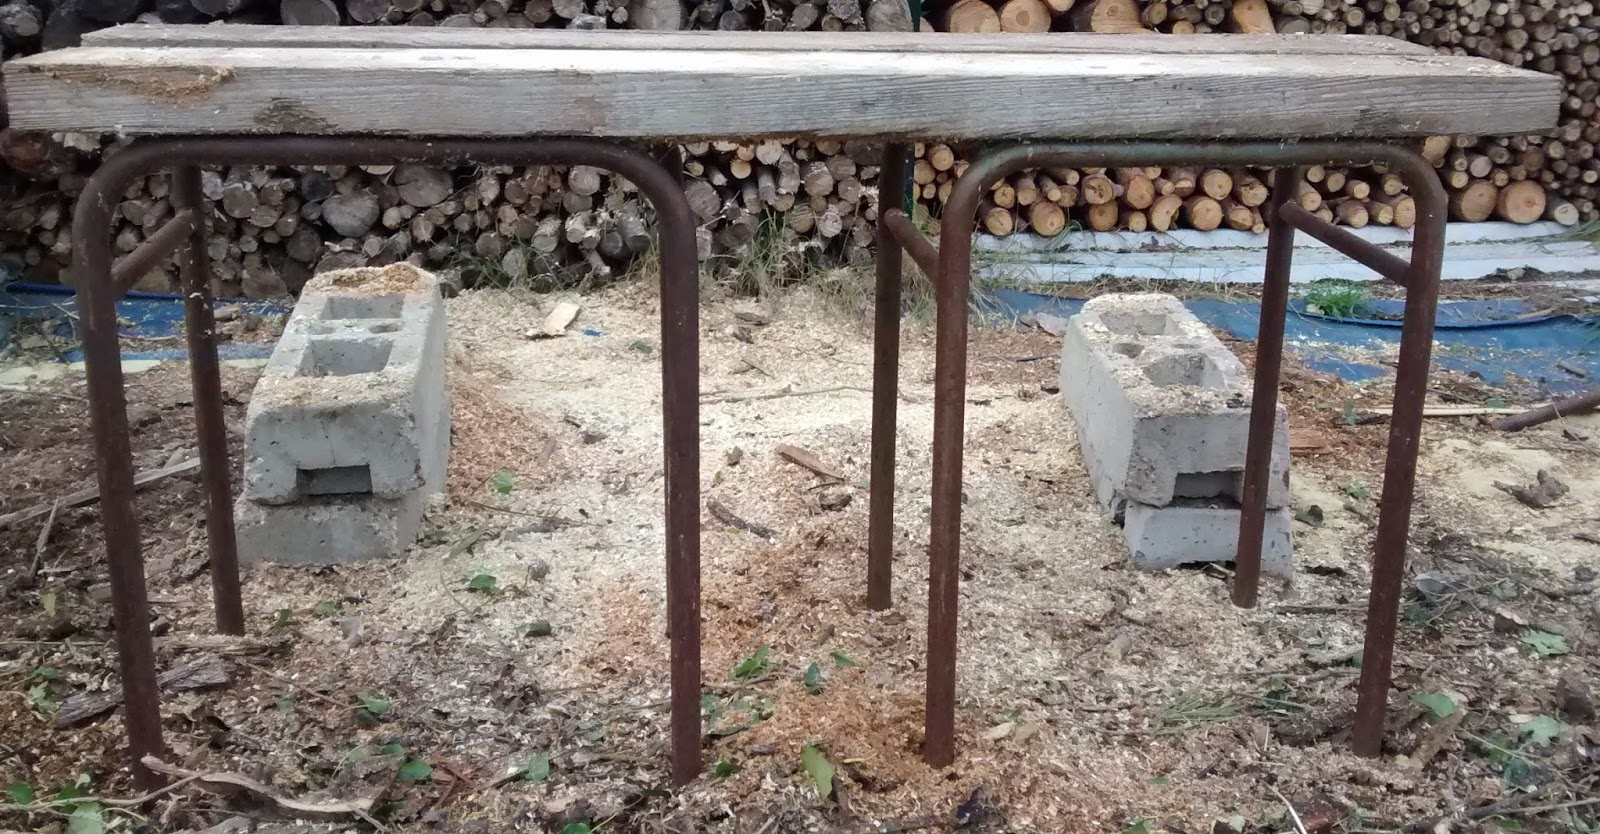 Grinchou blog chevalet de tron onnage simple et efficace pour couper son bois de chauffage - Coupe de bois de chauffage sur pied a vendre ...